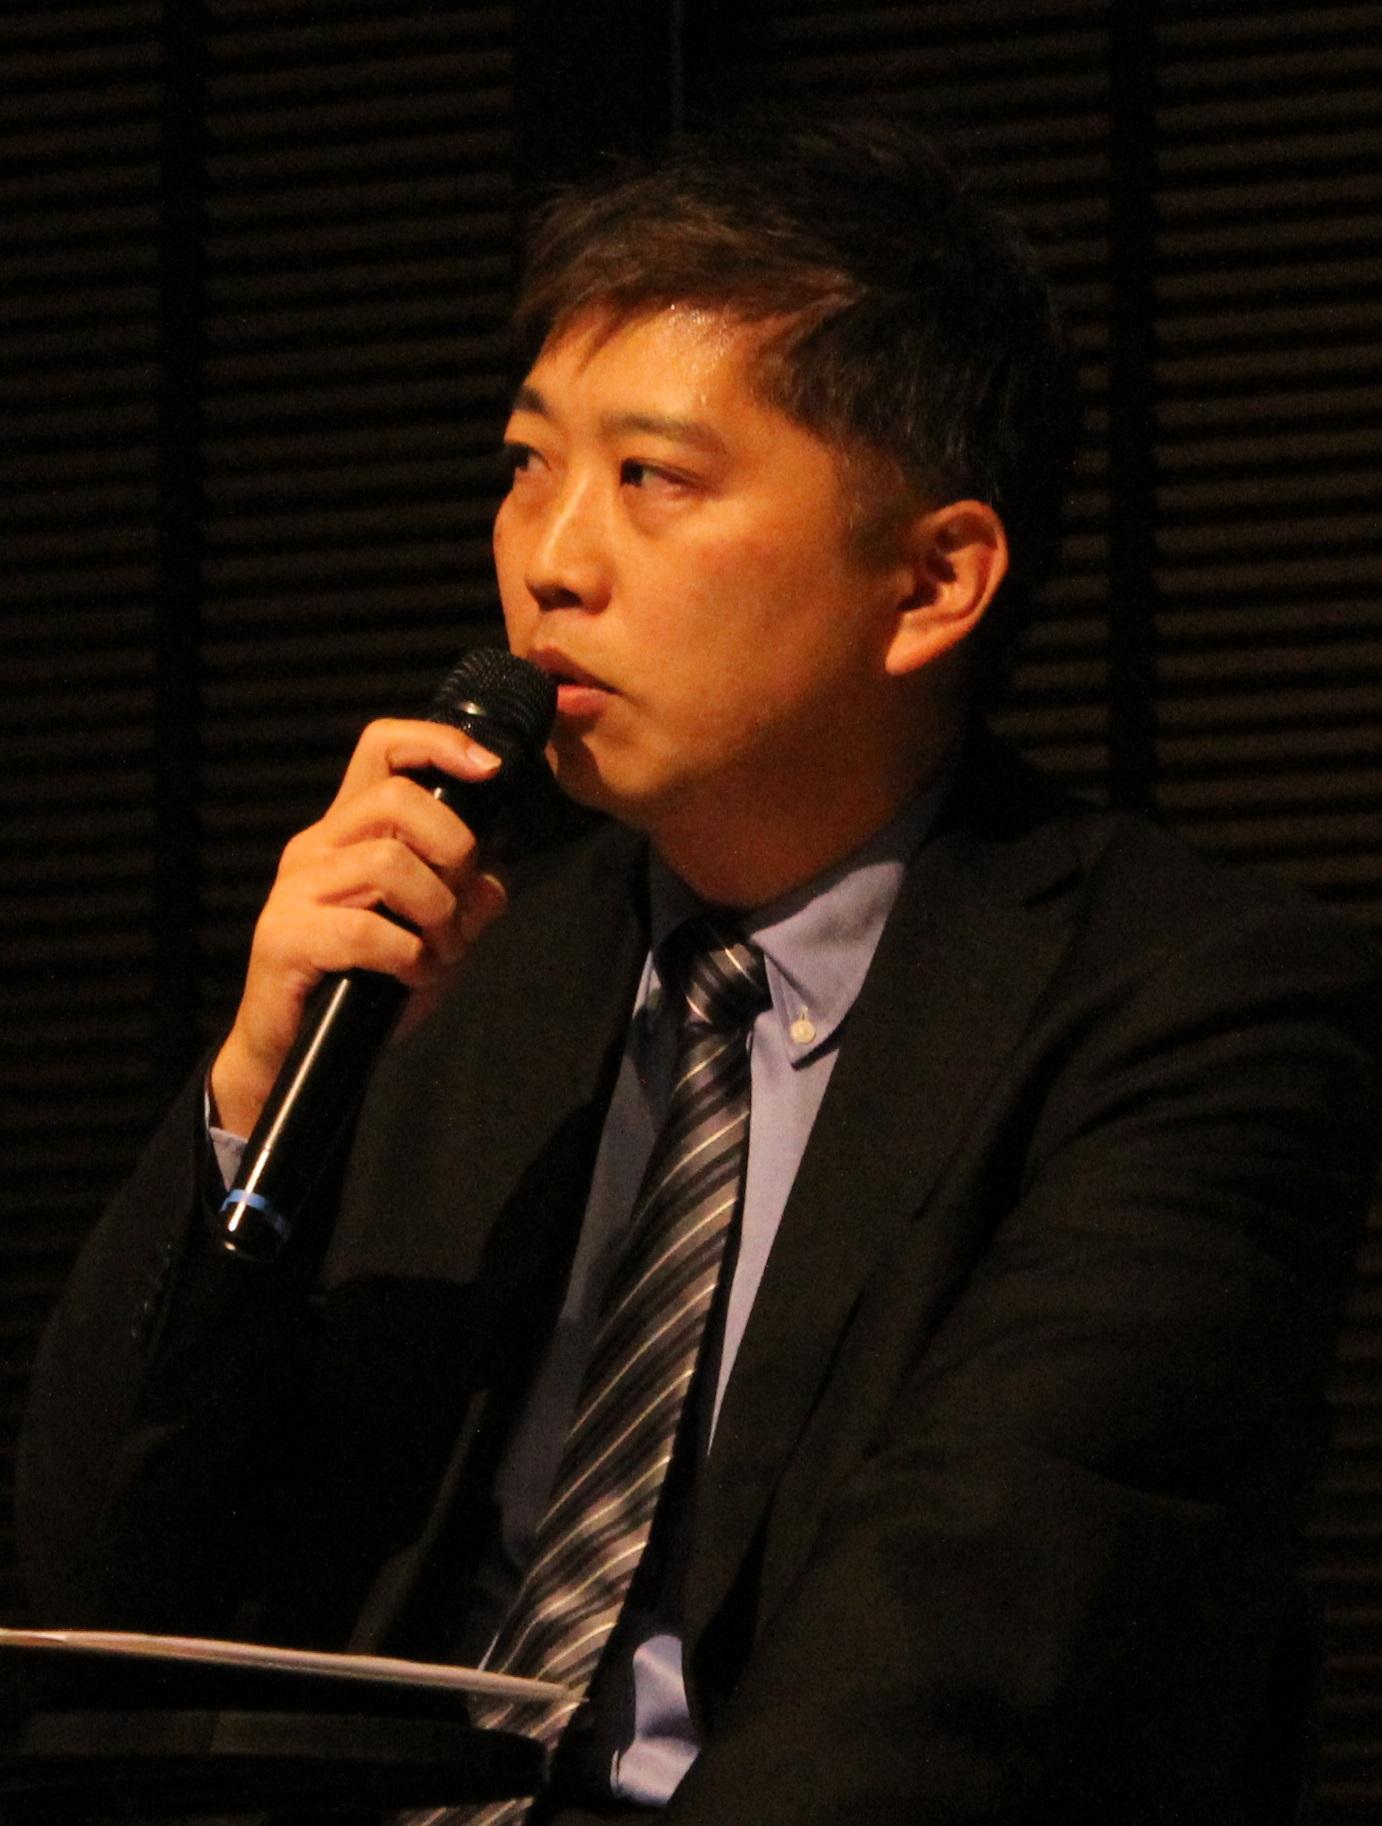 株式会社ミュゼプラチナム  取締役執行役員 管理部部長 柏木 俊之氏